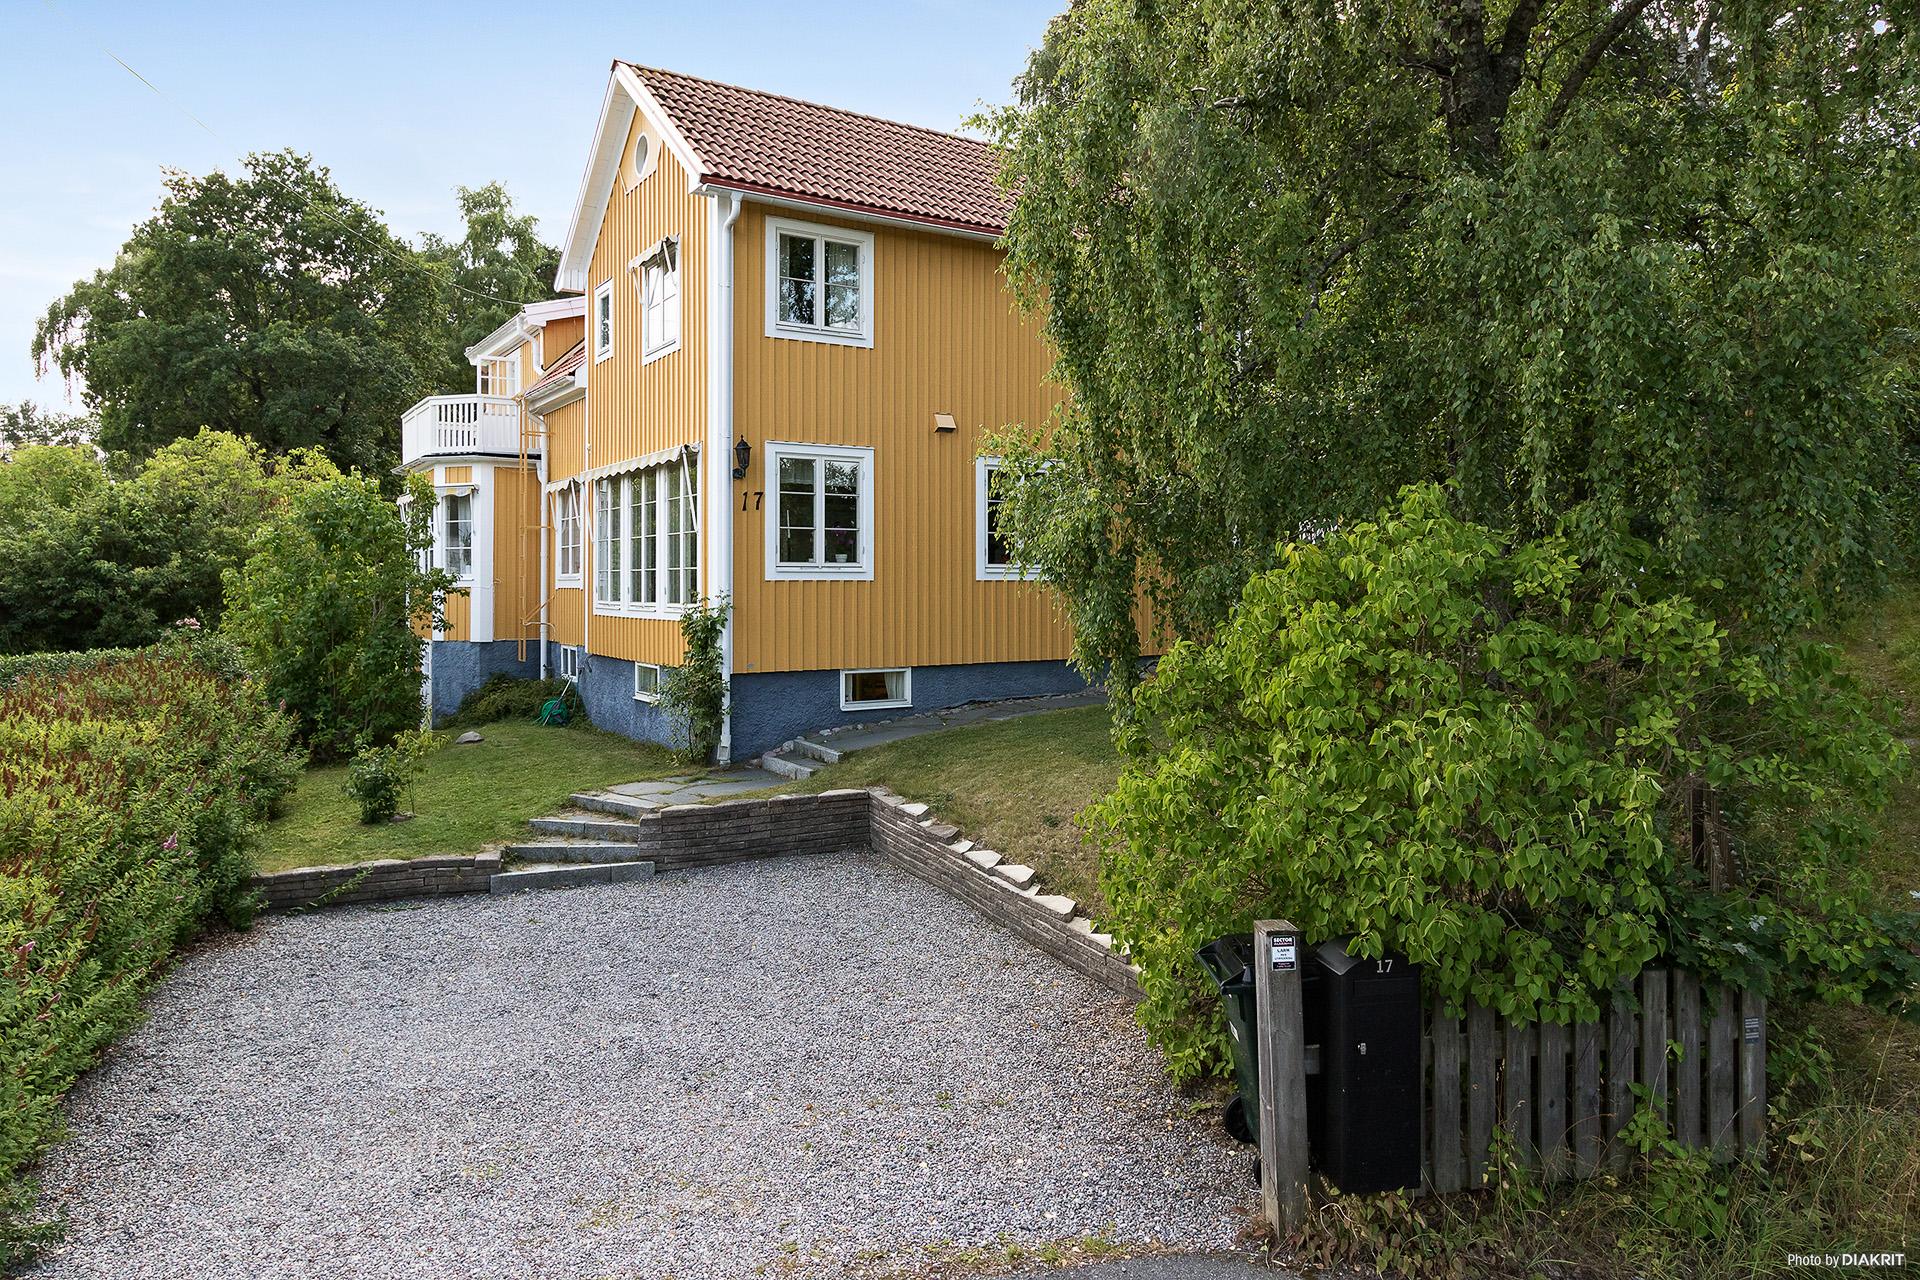 Huset från framsidan med plats för två bilar.